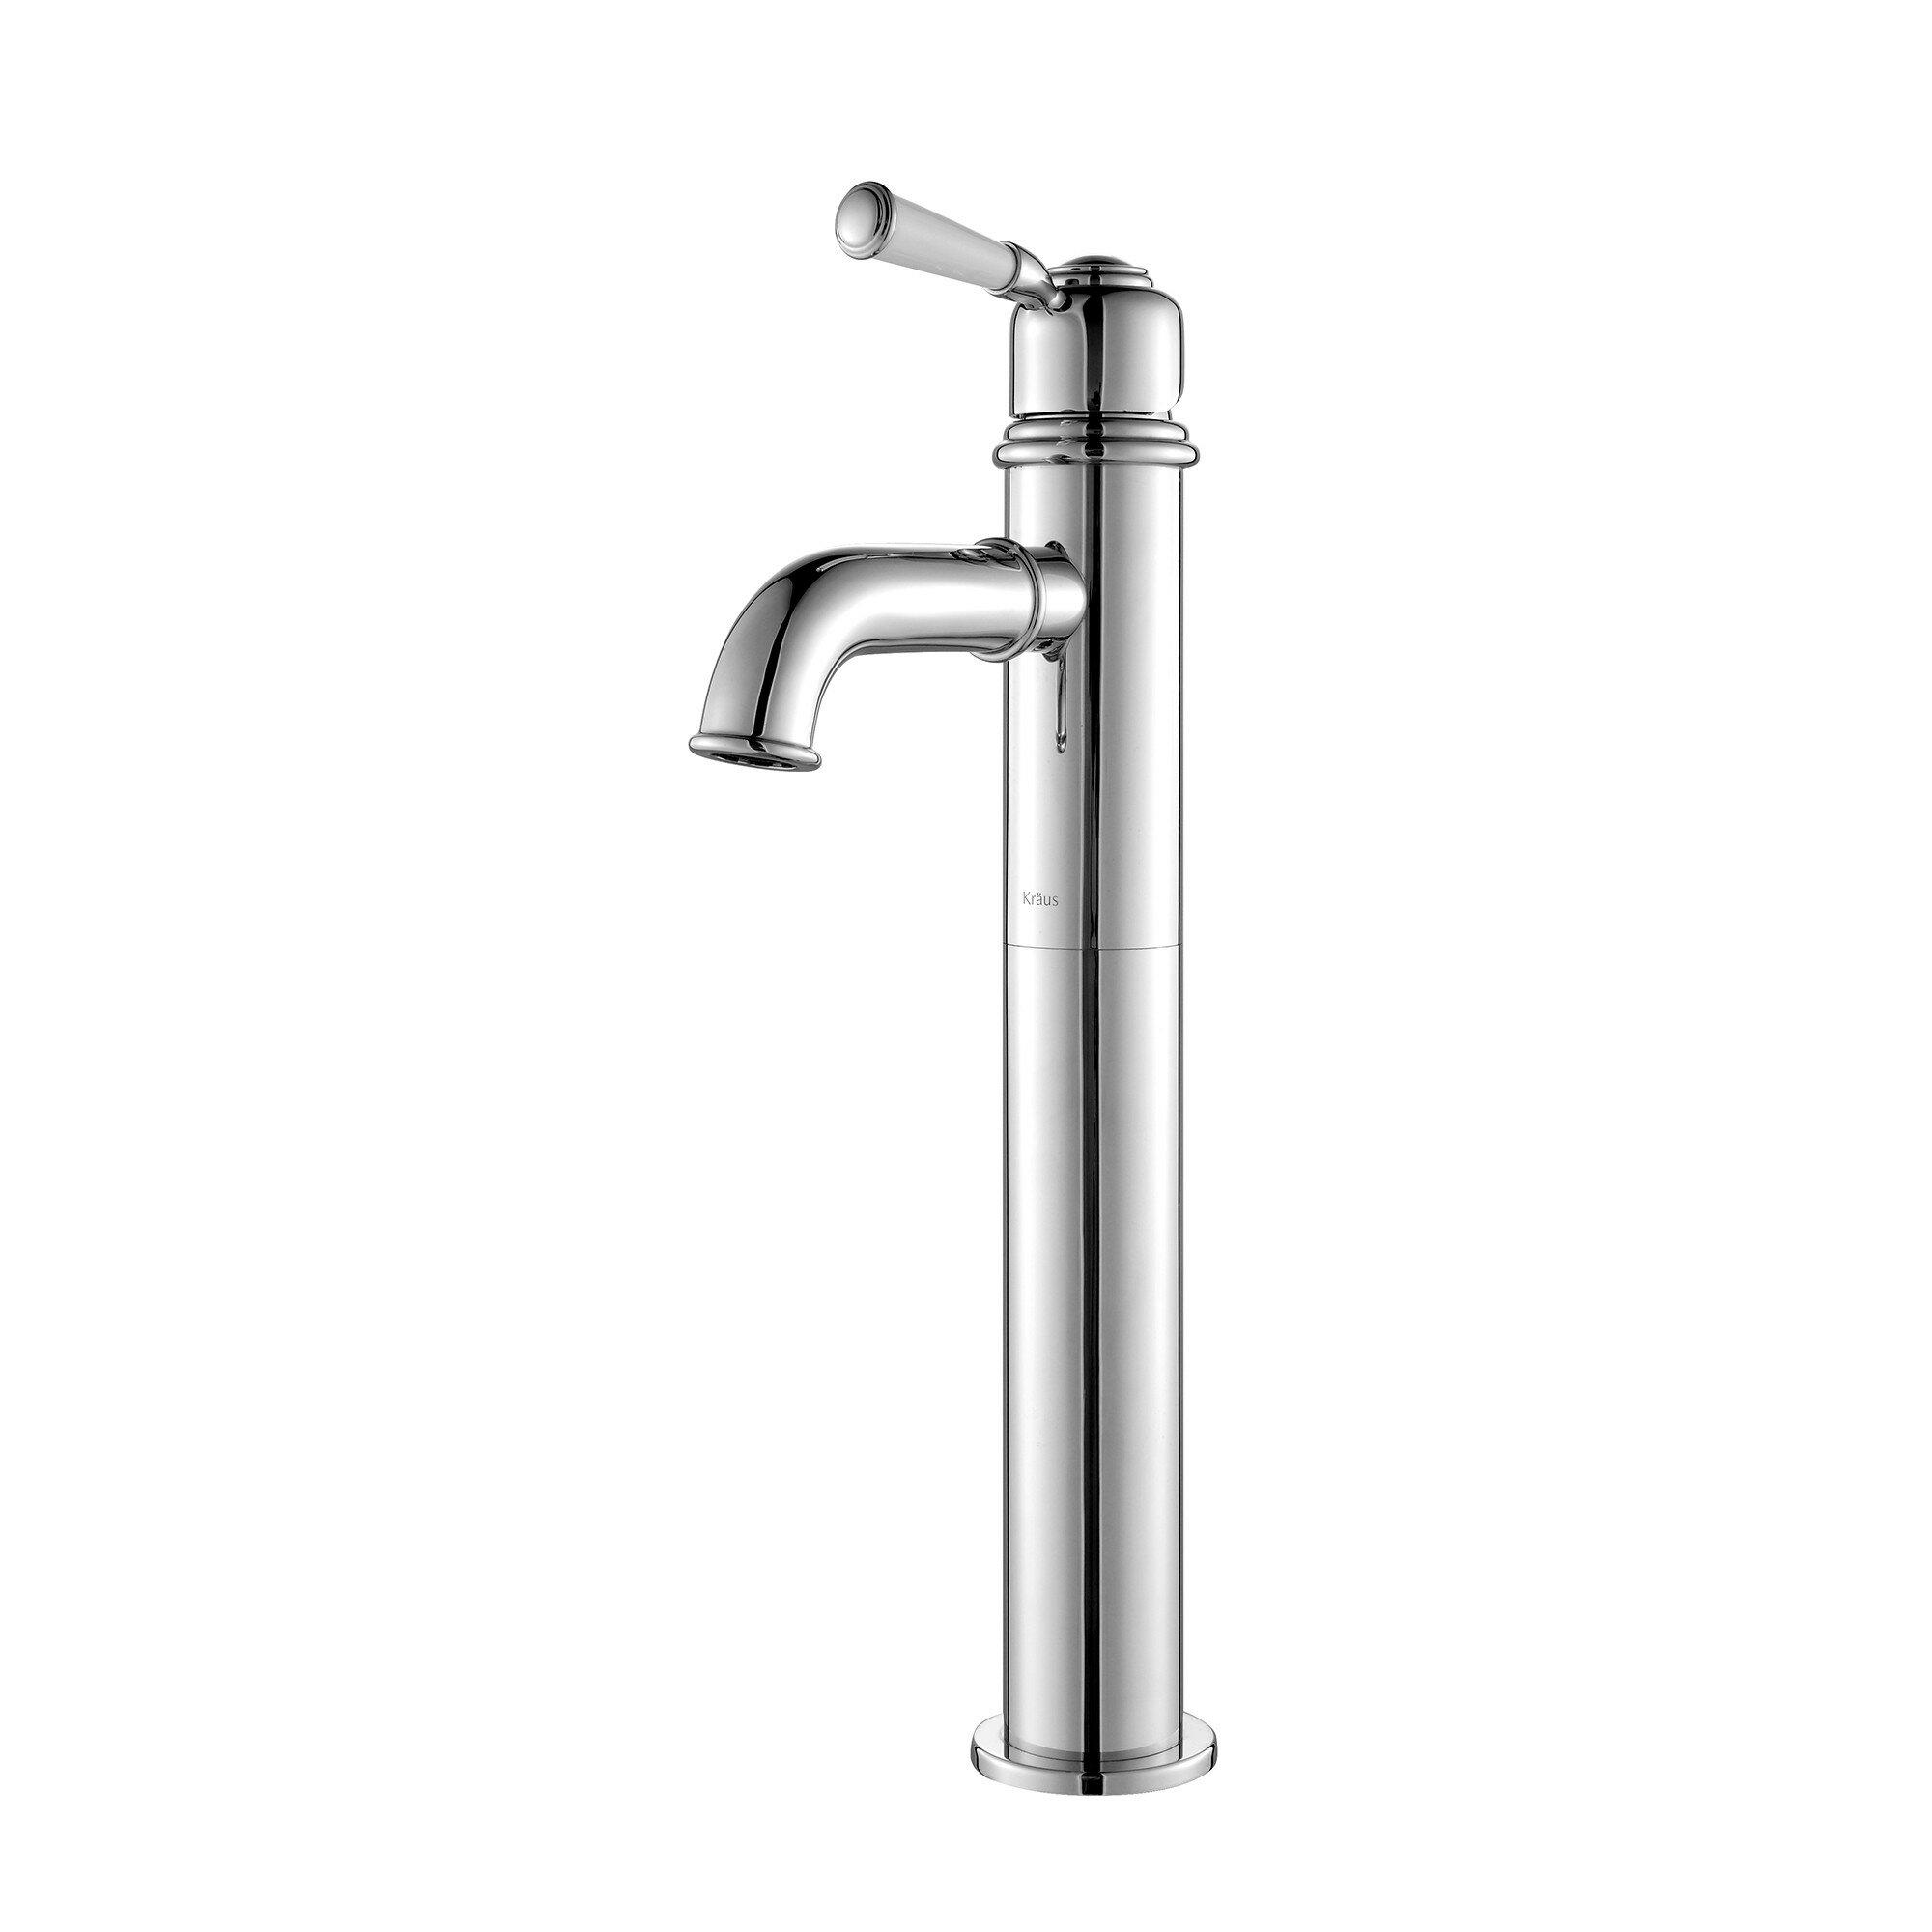 Kraus Faucets Reviews : Kraus Exquisite Solinder Single Handle Vessel Bathroom Faucet ...